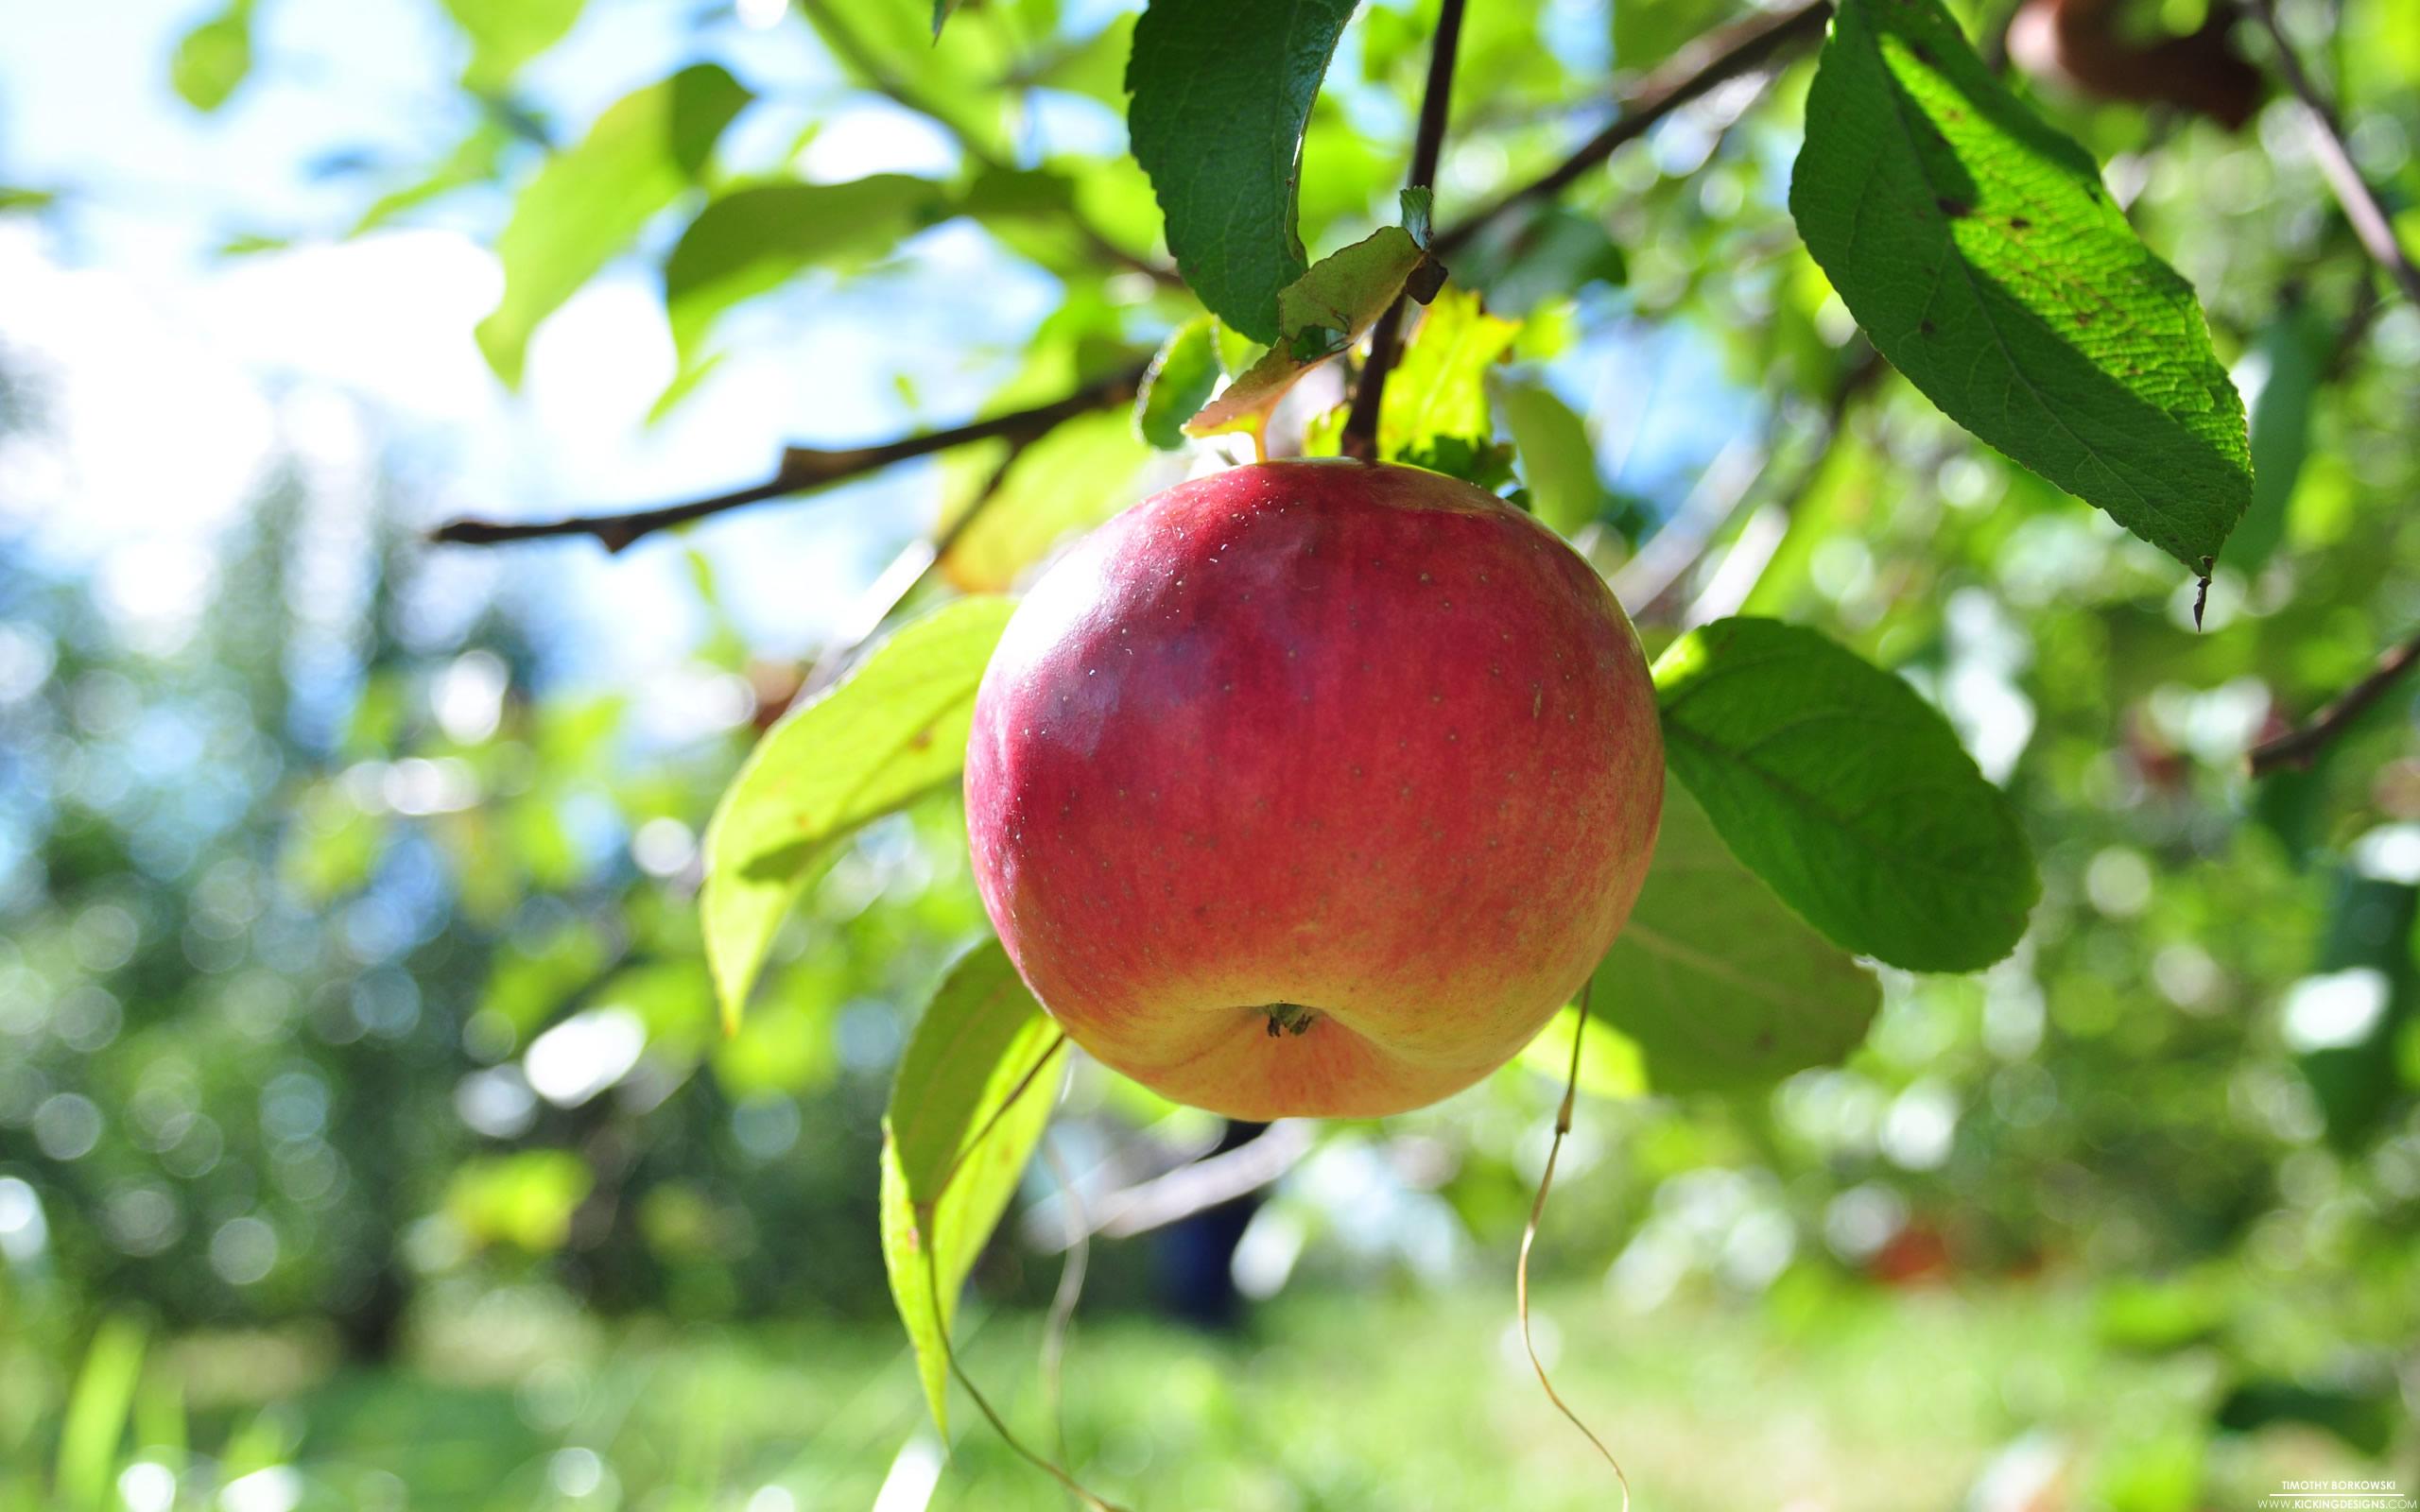 Hình ảnh quả táo trên cành cây cực đẹp